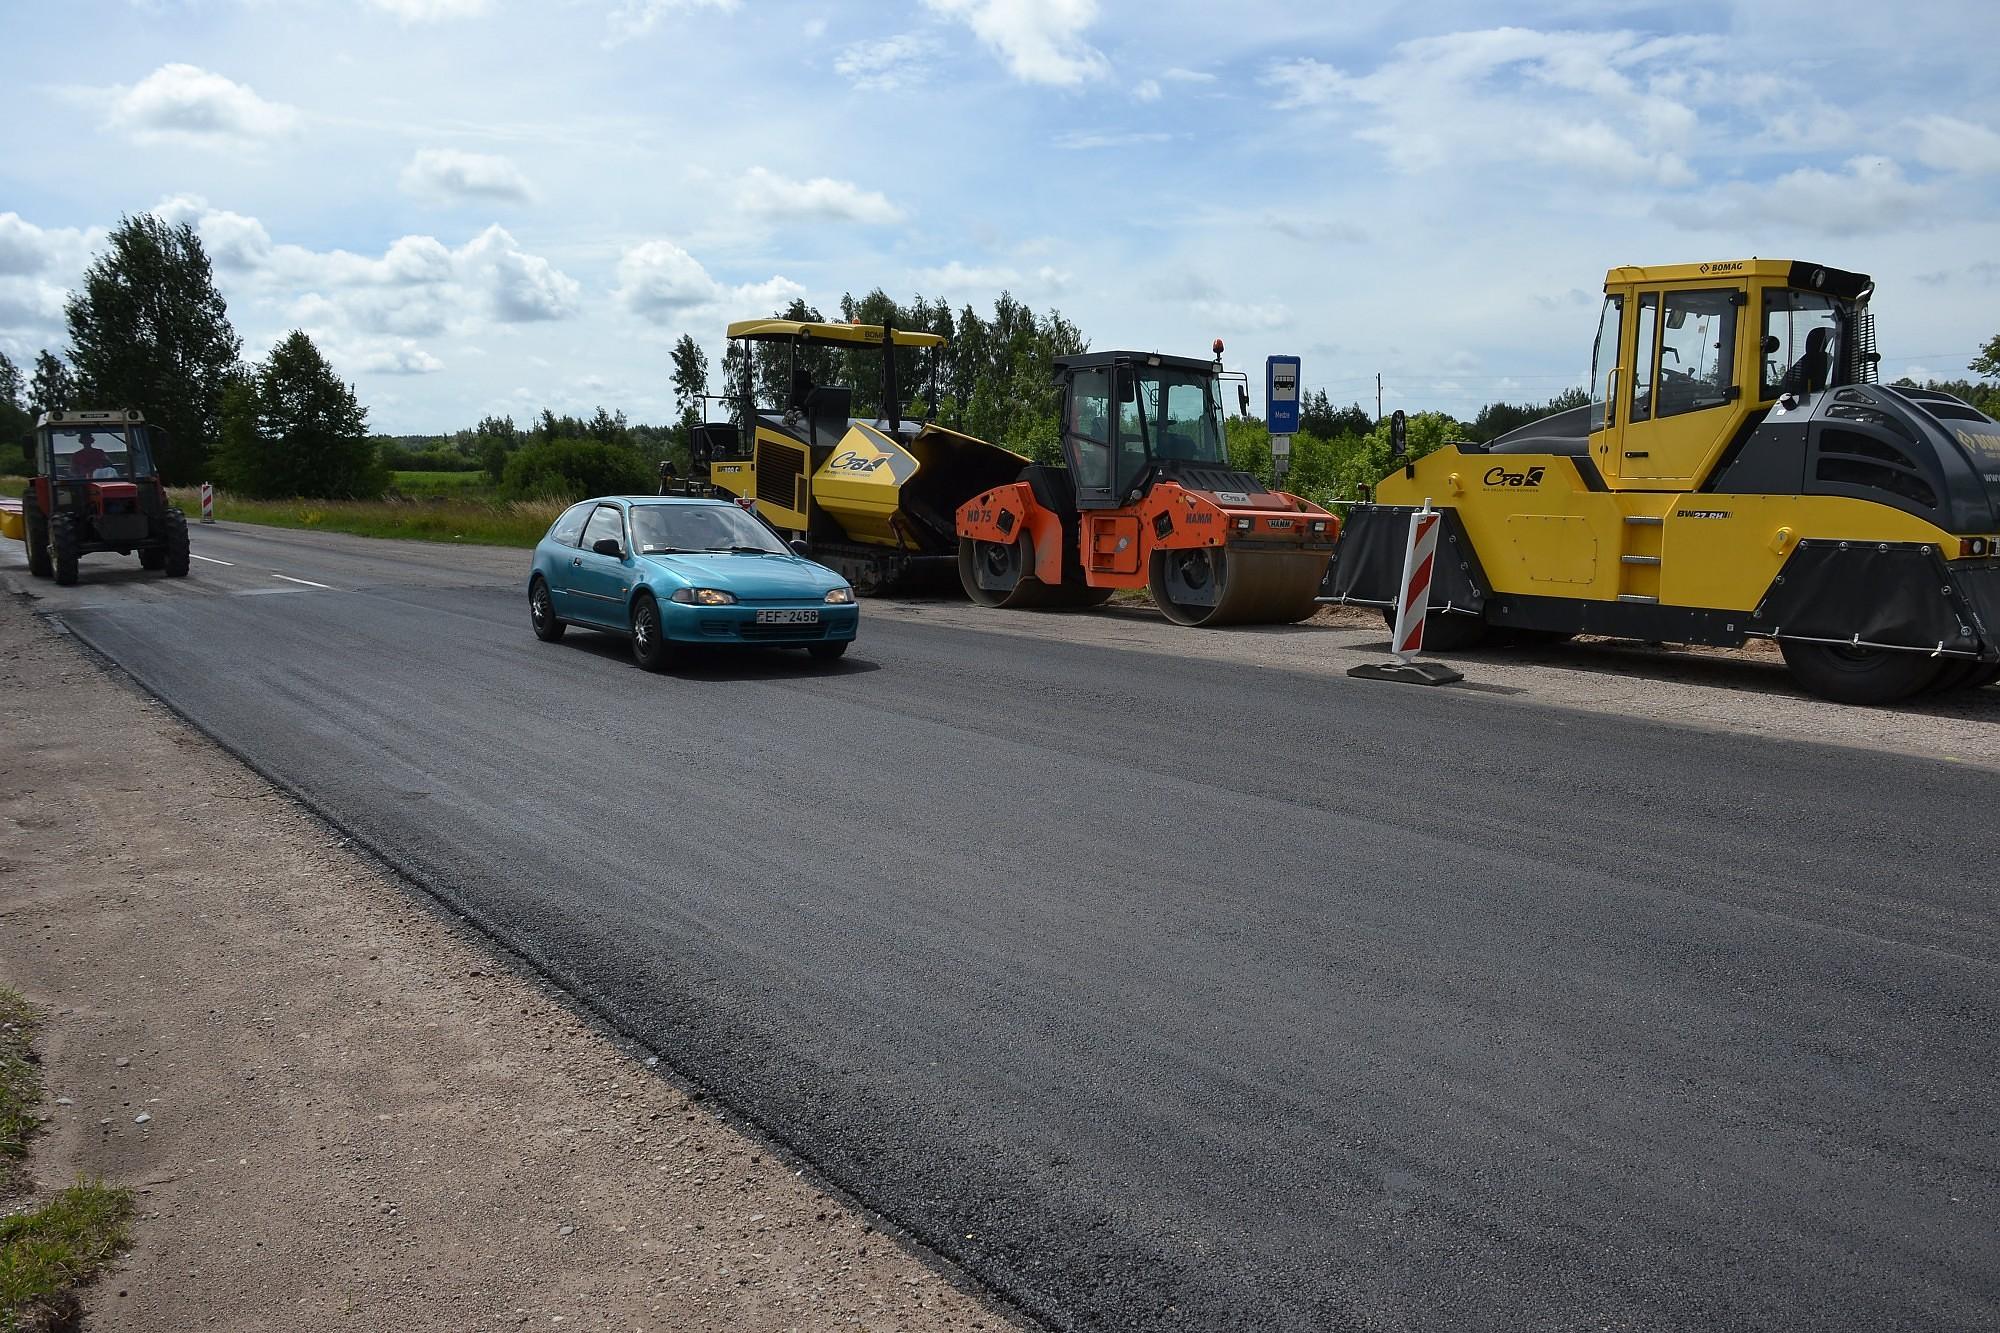 Правительство утвердит план по постепенному увеличению финансирования Государственного автодорожного фонда